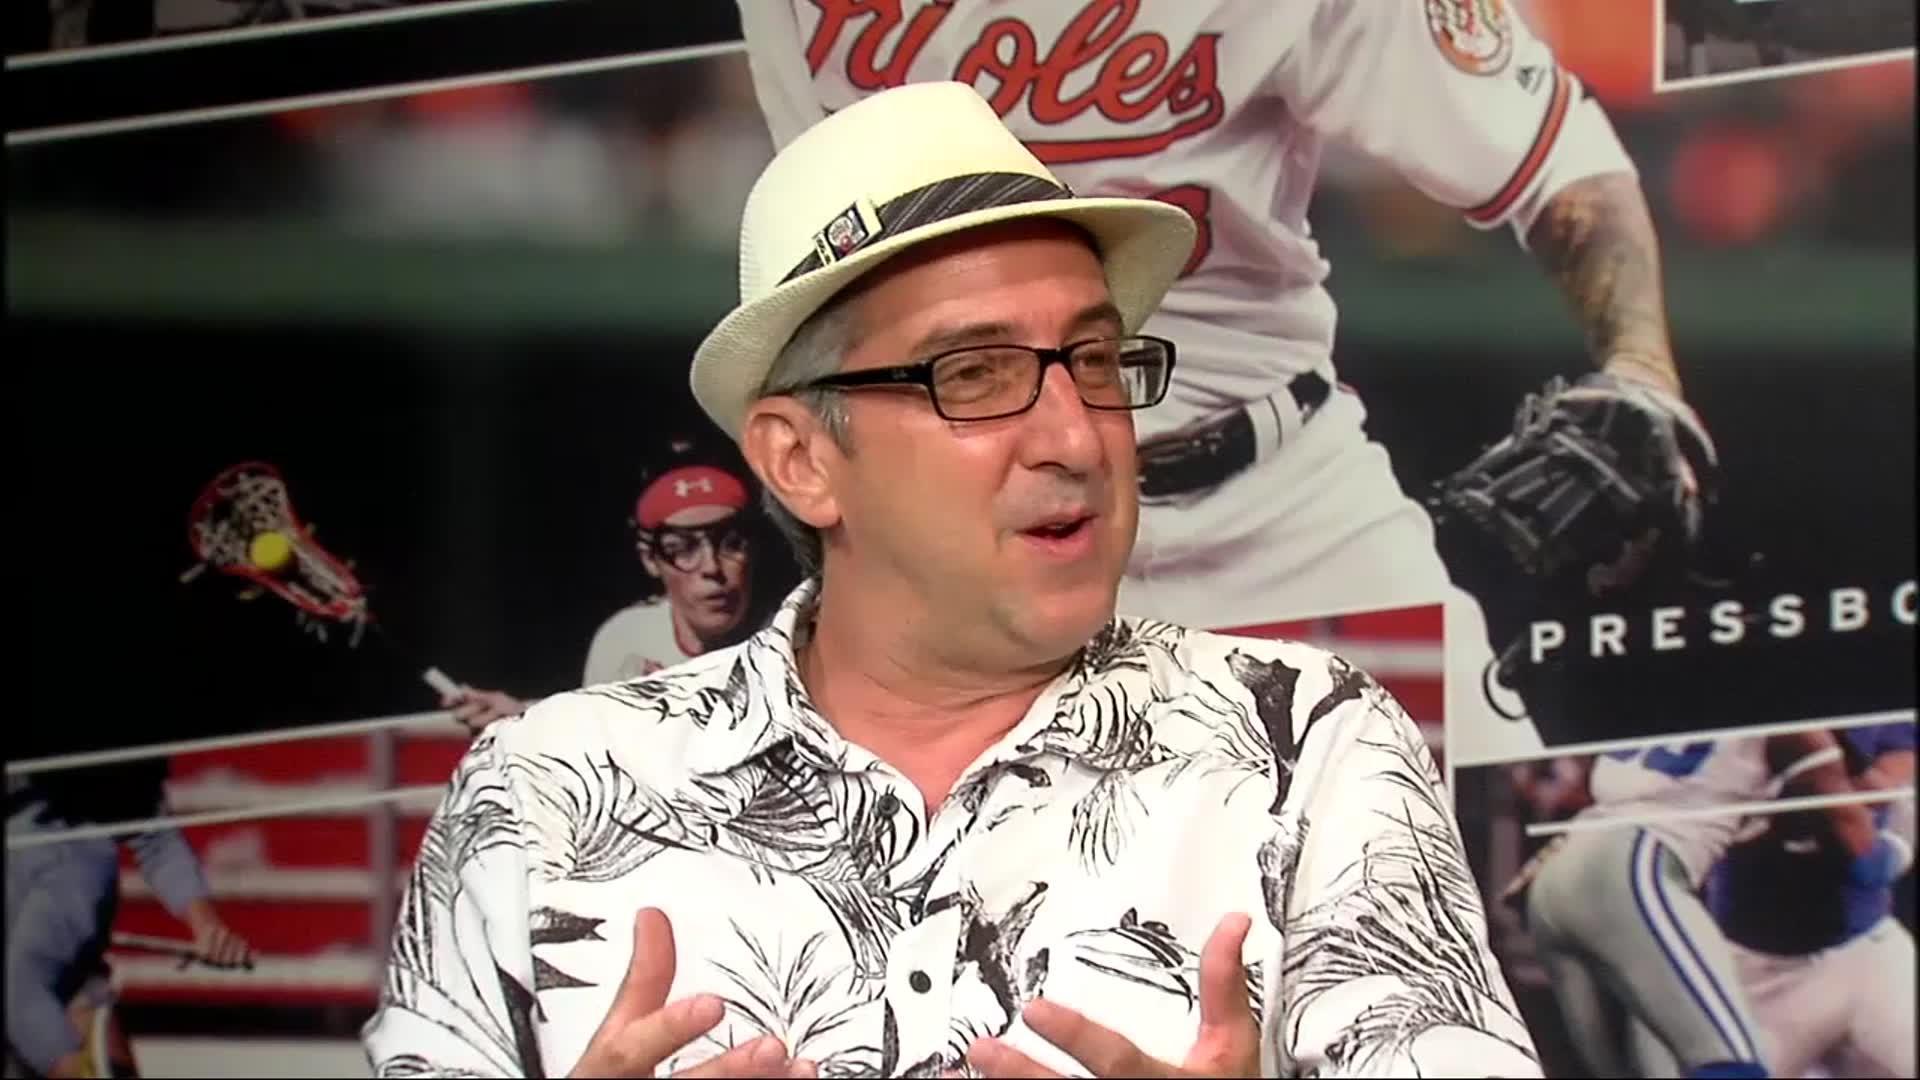 Image of Inside PressBox 06/18/17: James Mosher Baseball